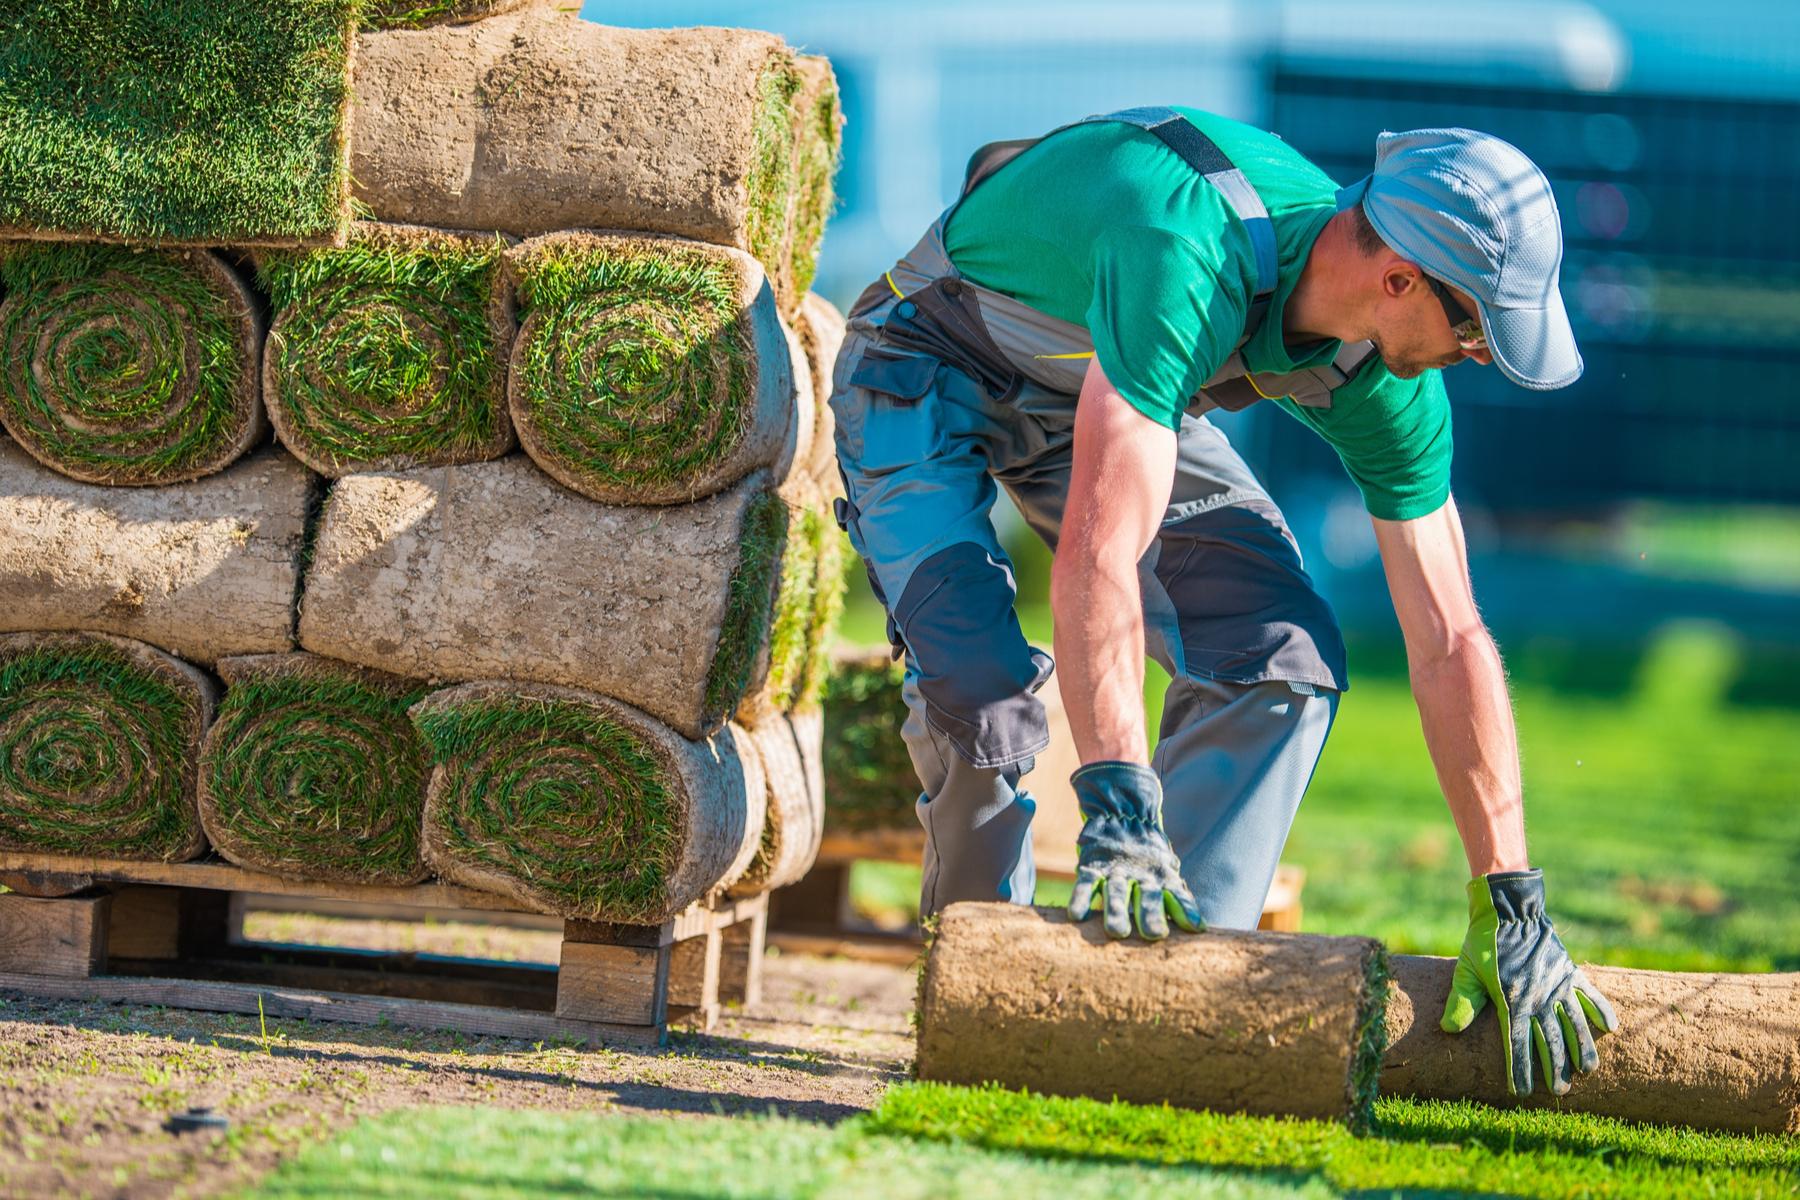 Compañía de jardineria demandado por no pagar horas extras